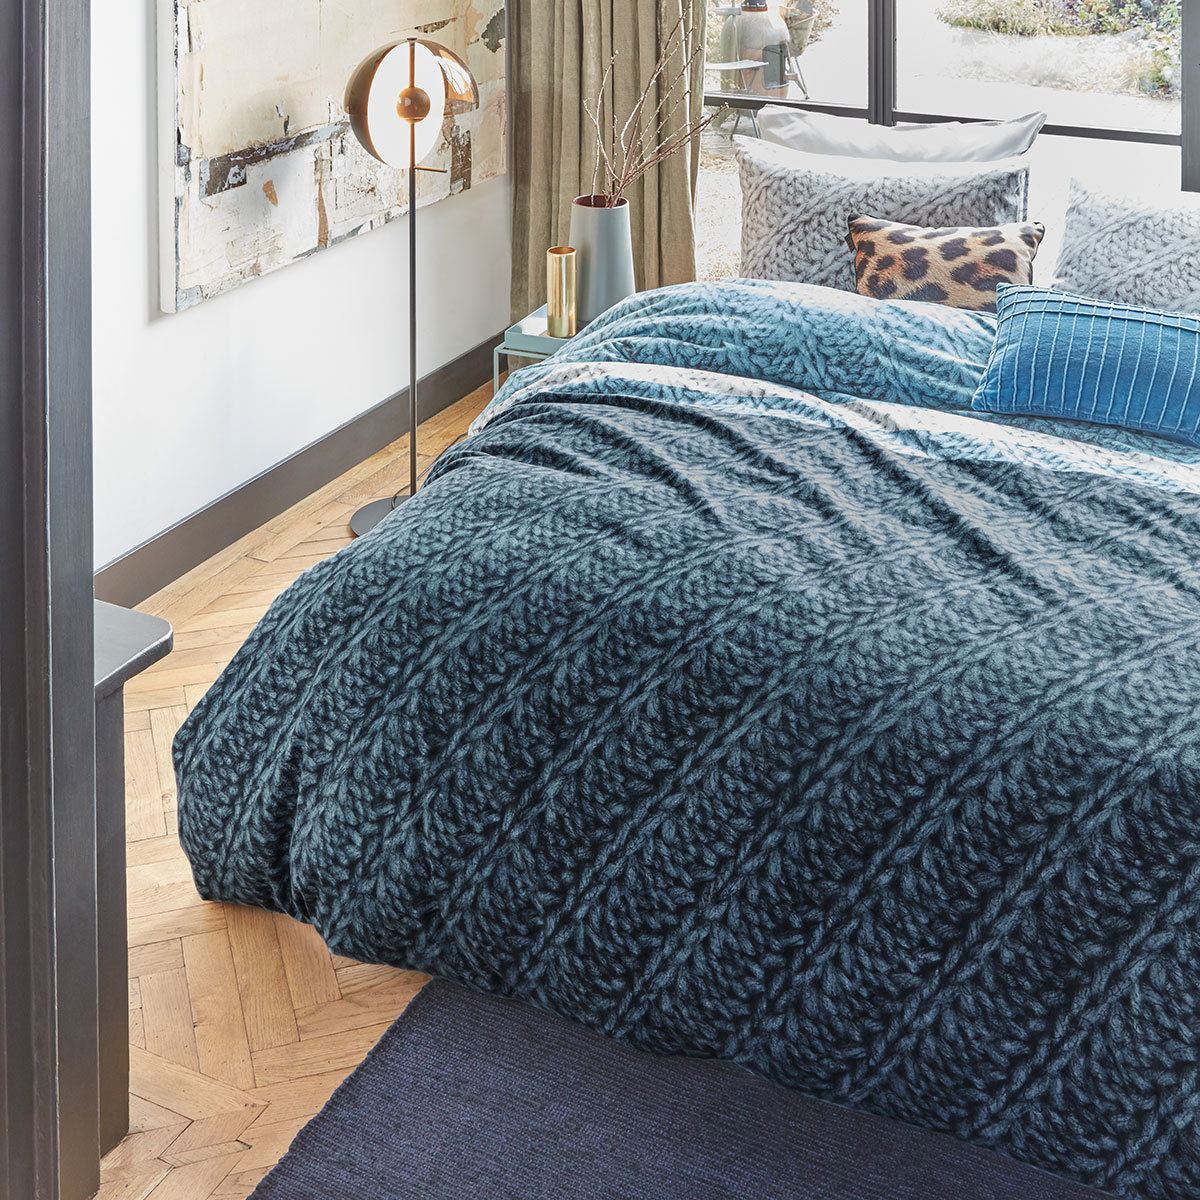 beddinghouse flanell bettw sche merino blue g nstig online kaufen bei bettwaren shop. Black Bedroom Furniture Sets. Home Design Ideas